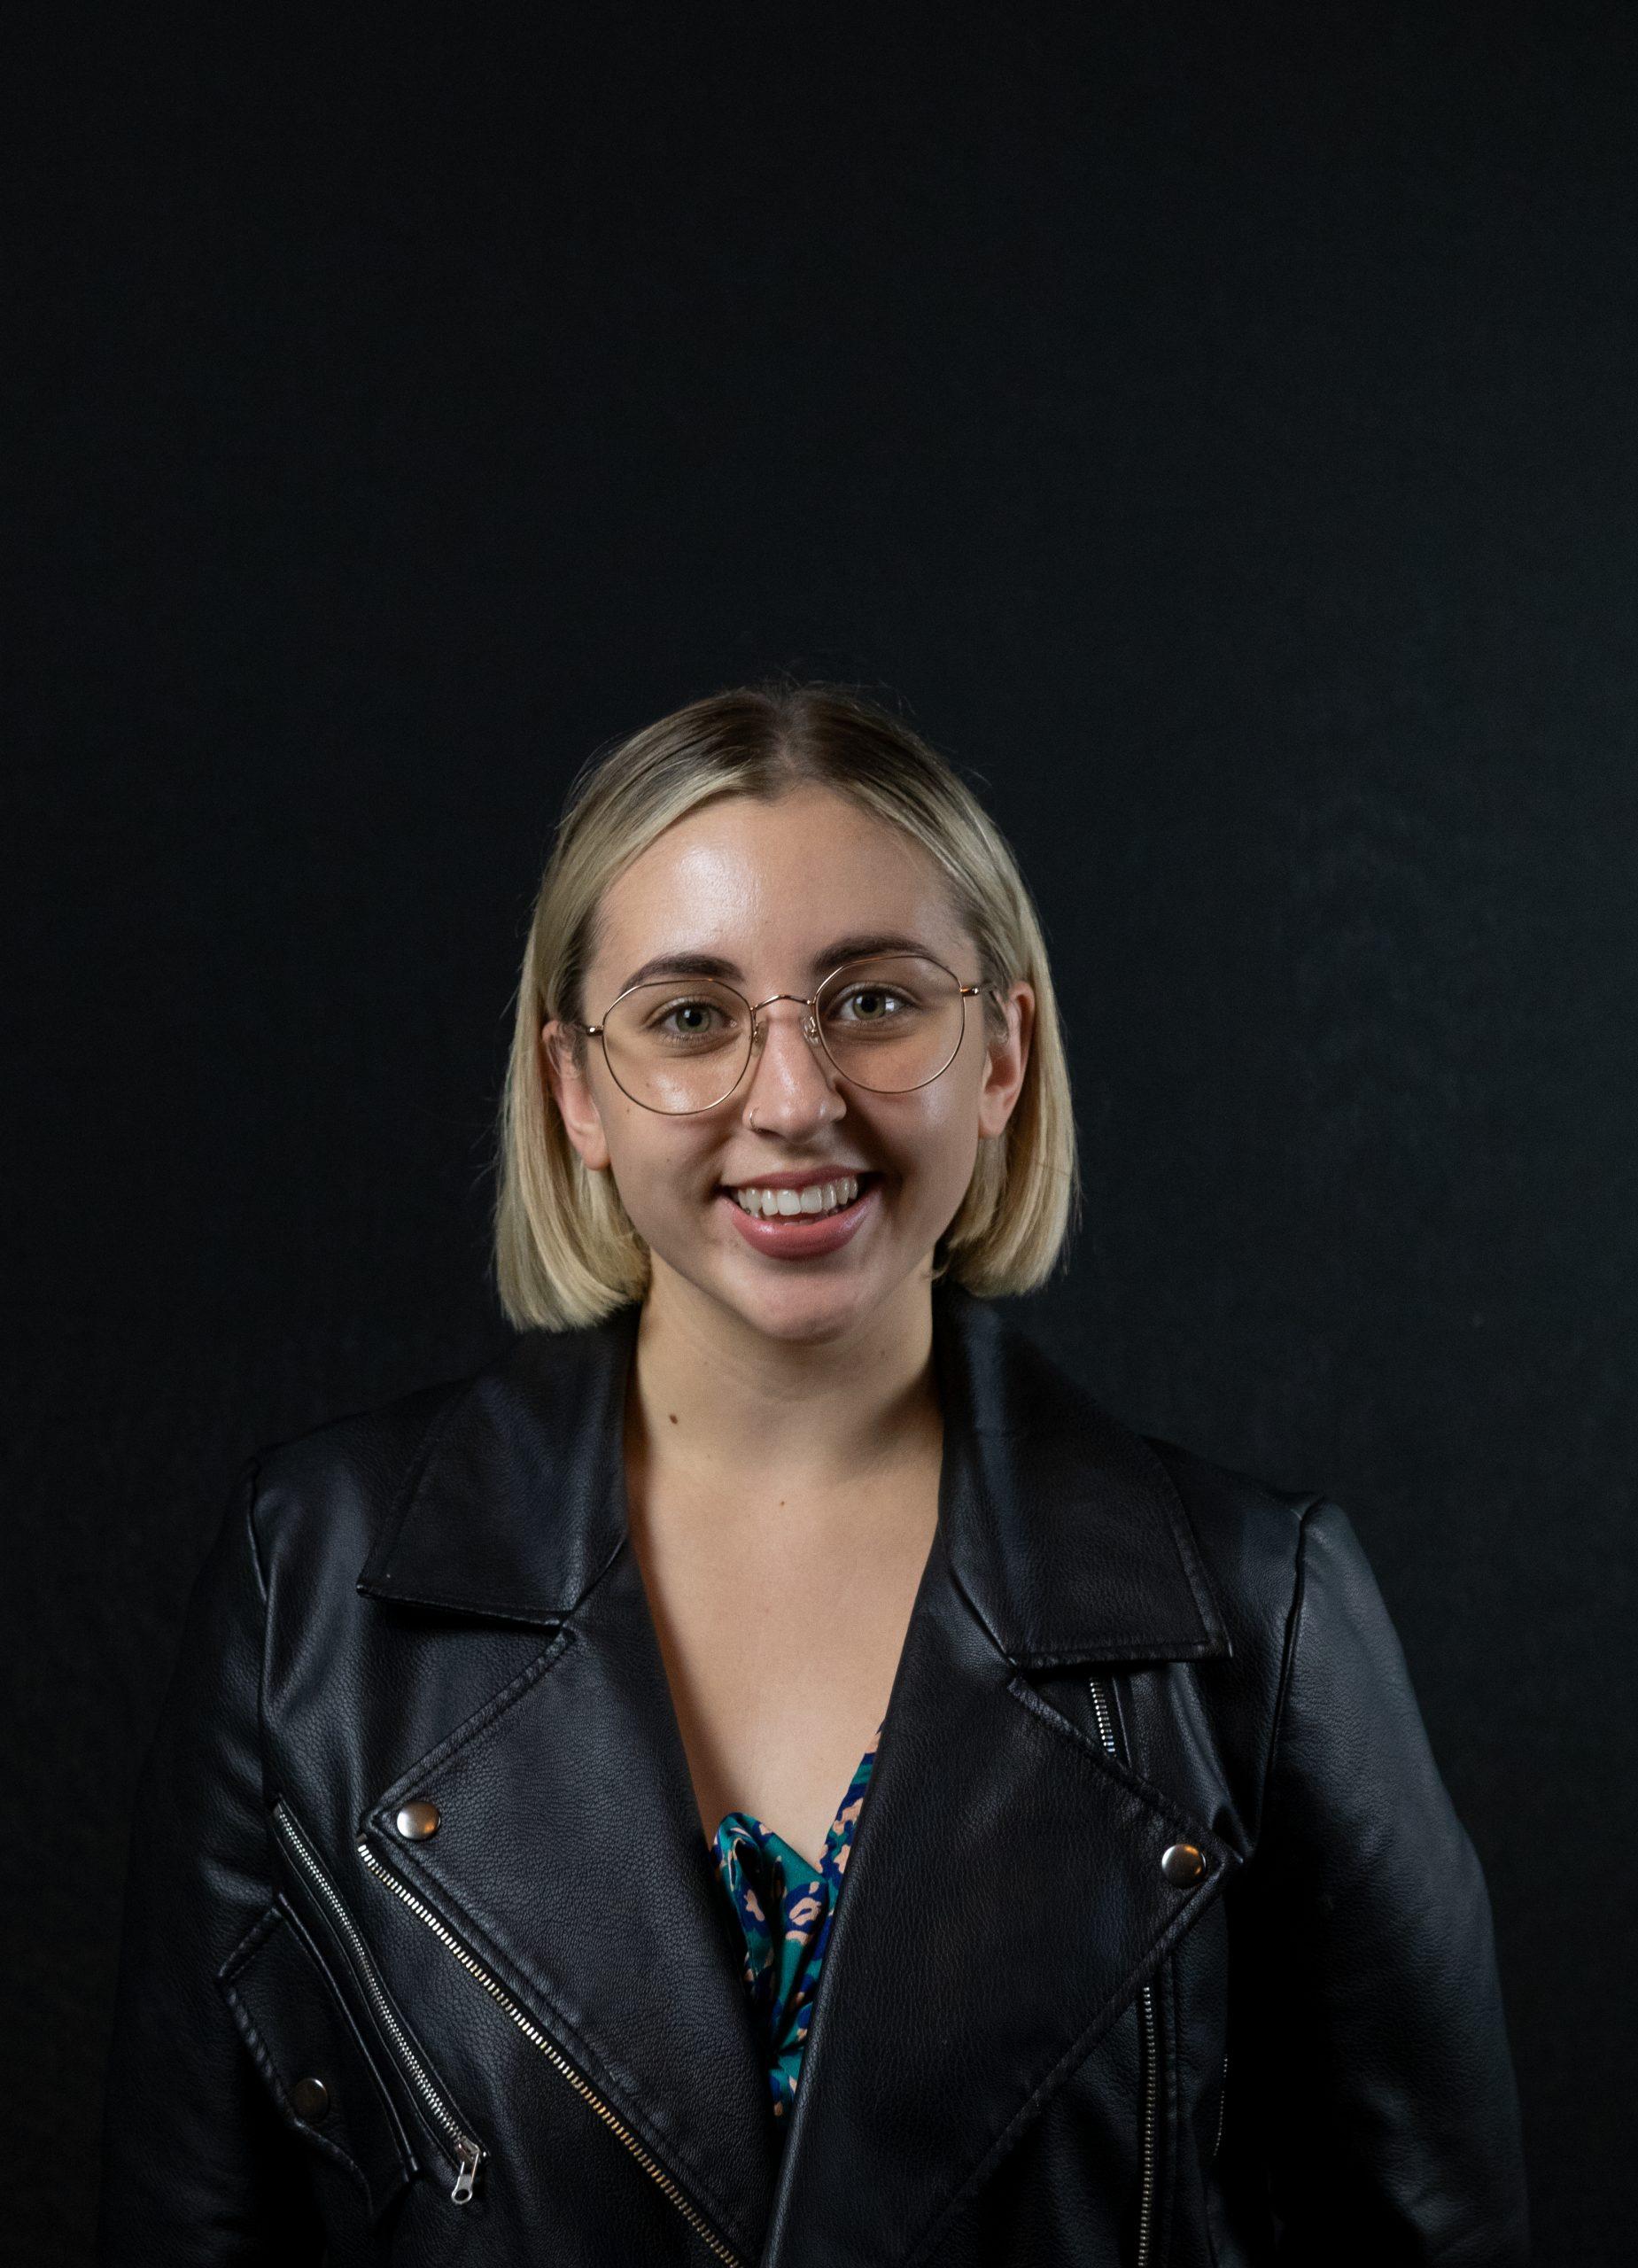 Fiona Dunn